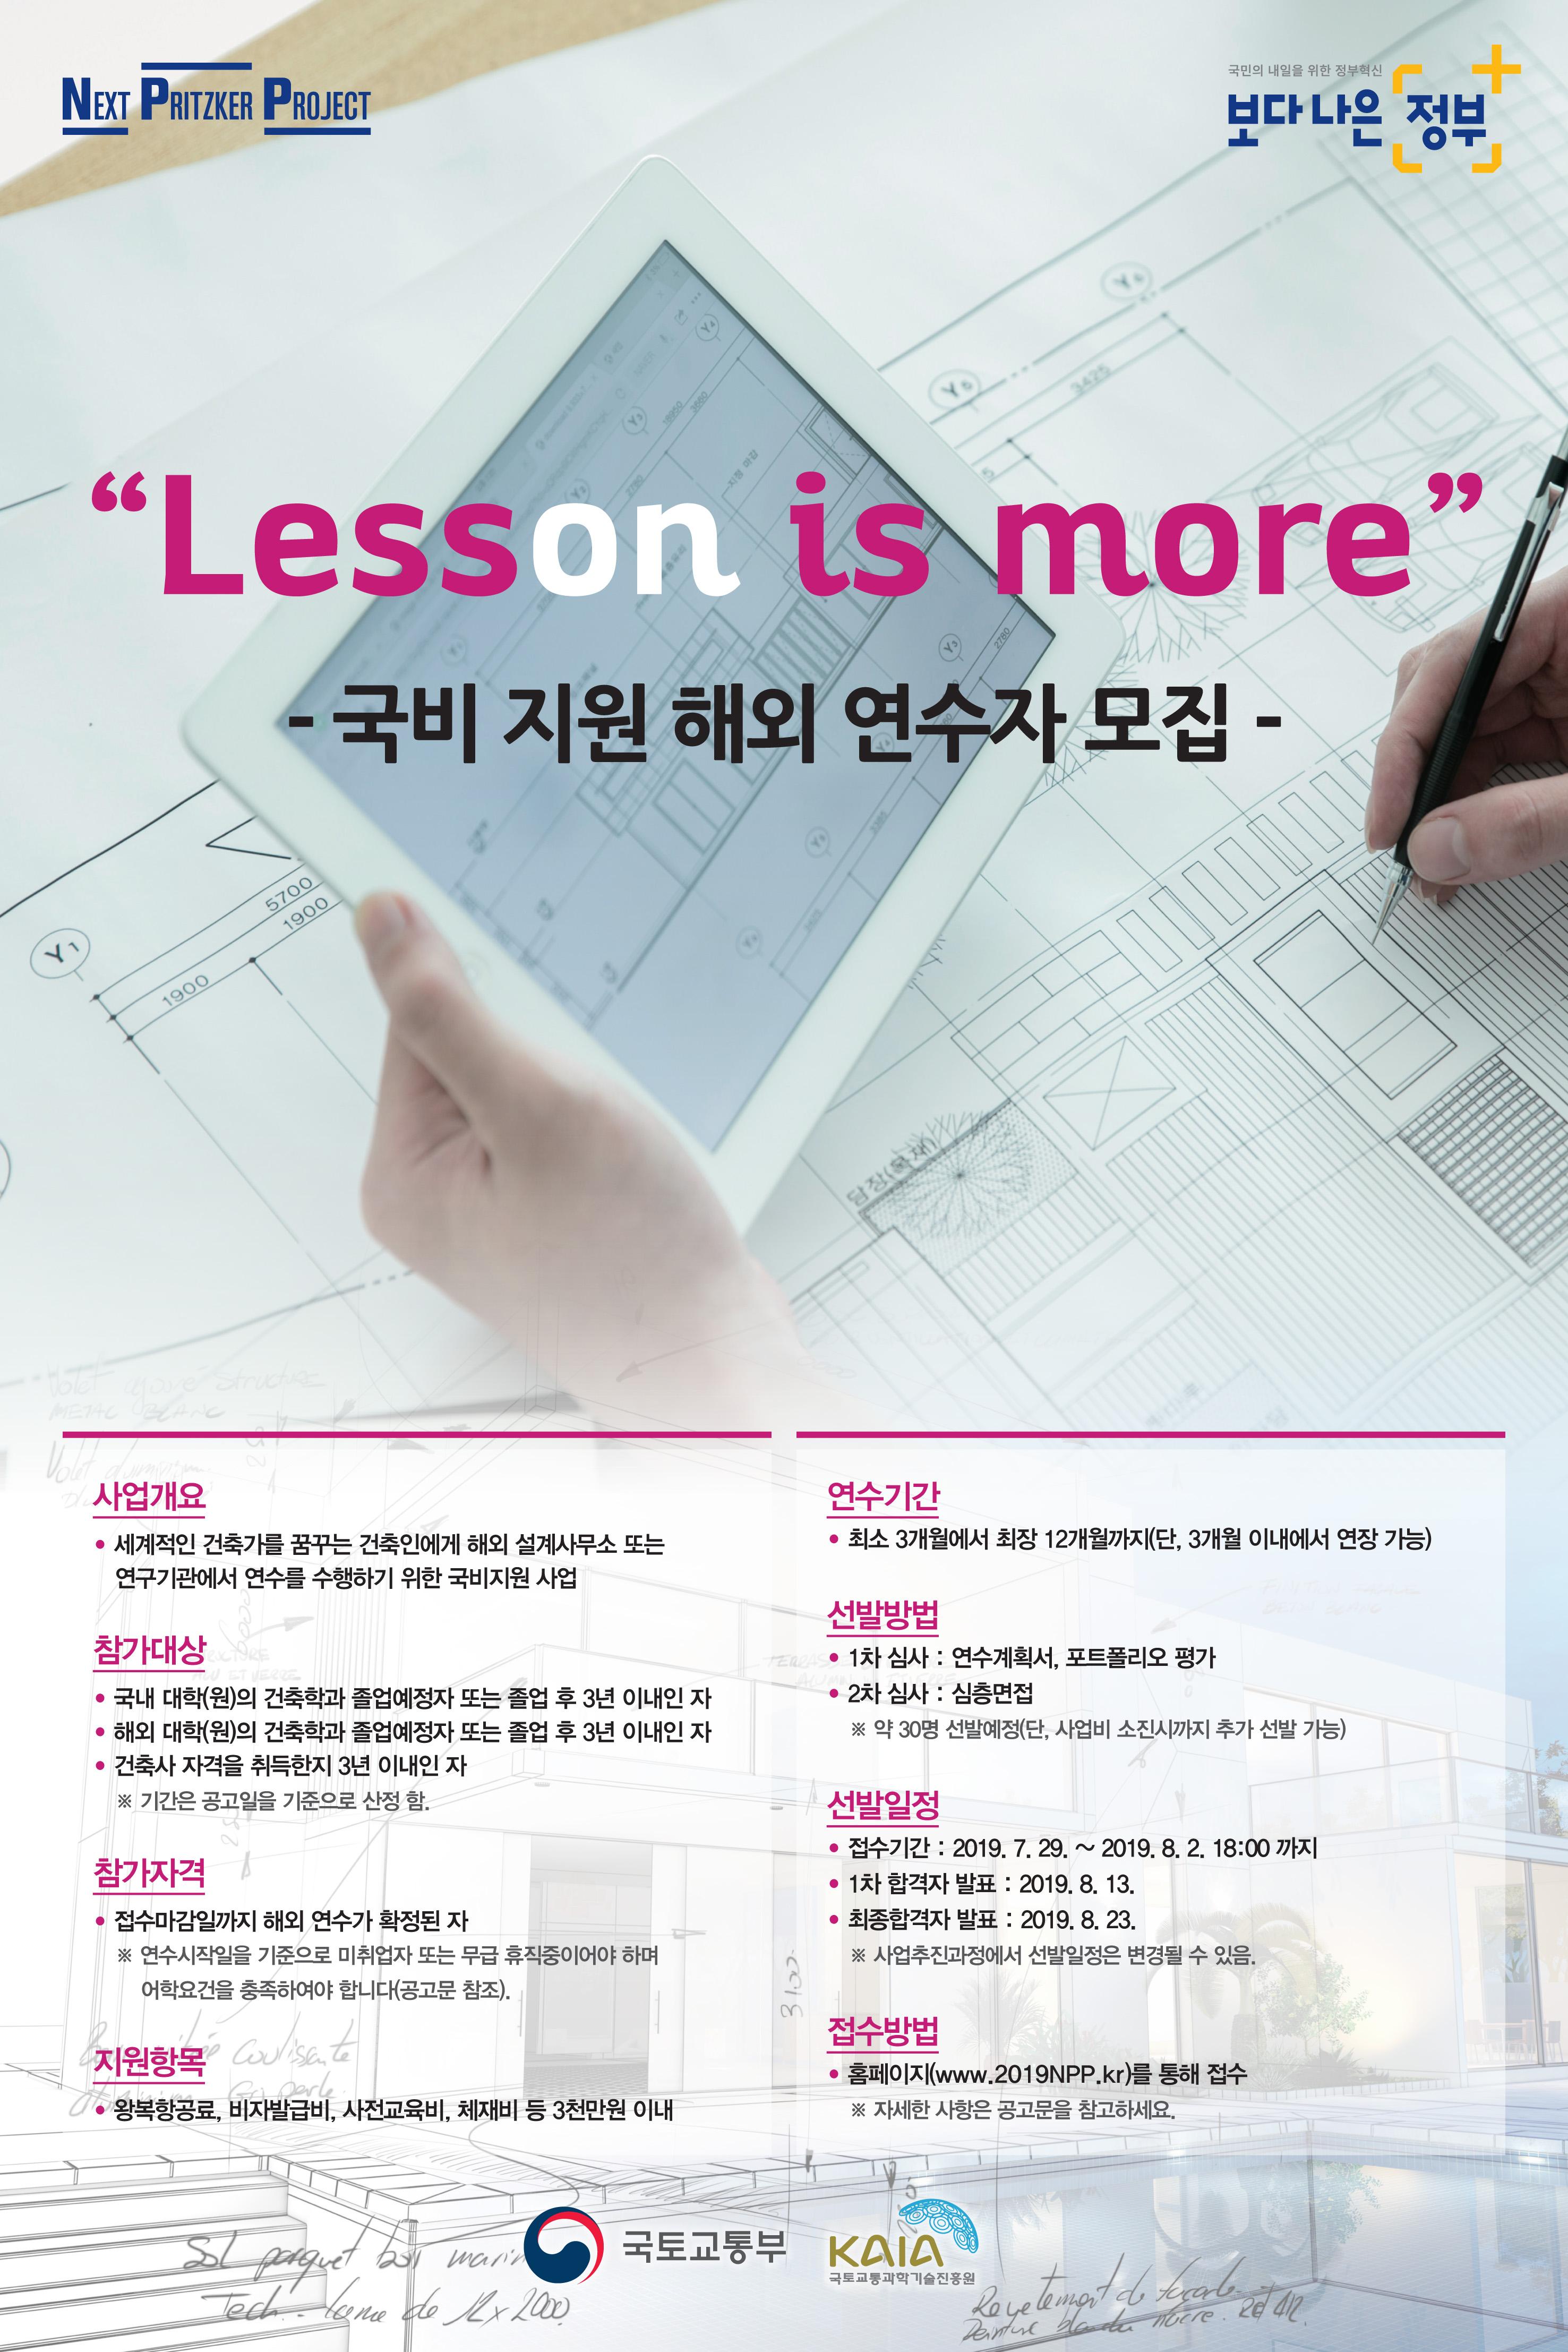 건축설계 분야 인재육성사업 포스터.jpg